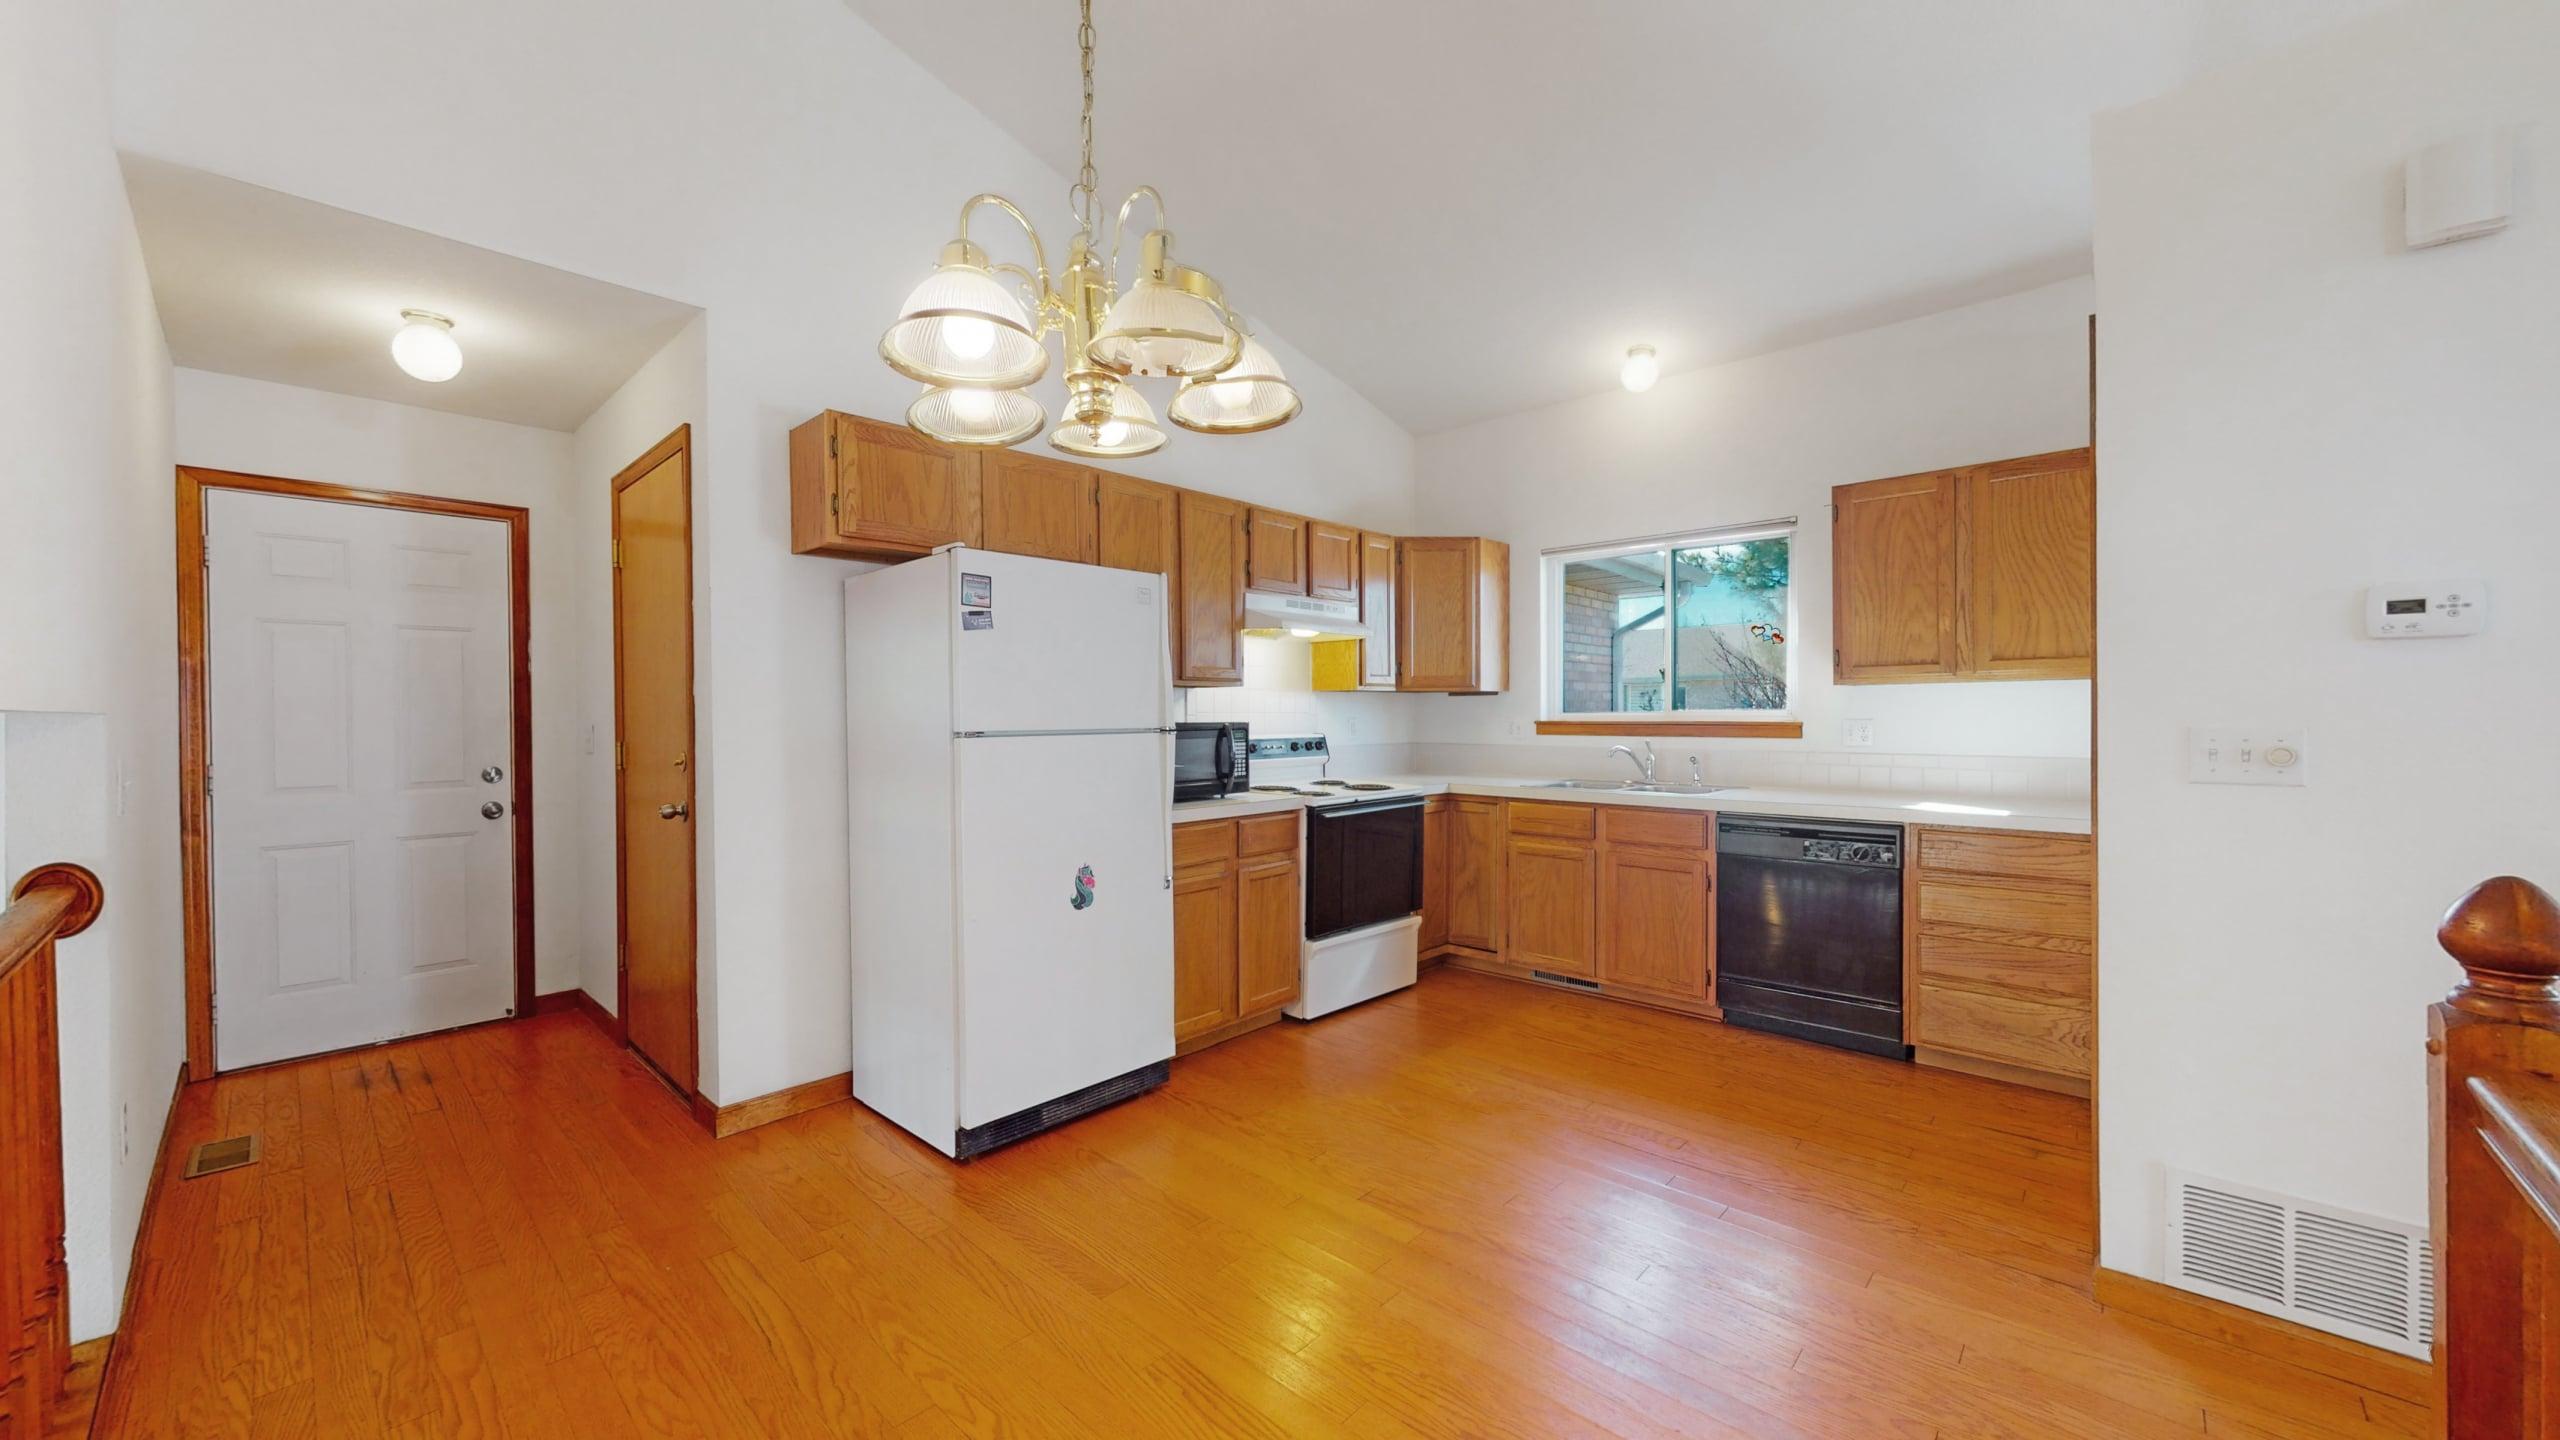 Eat in kitchen white walls, oak cabinets